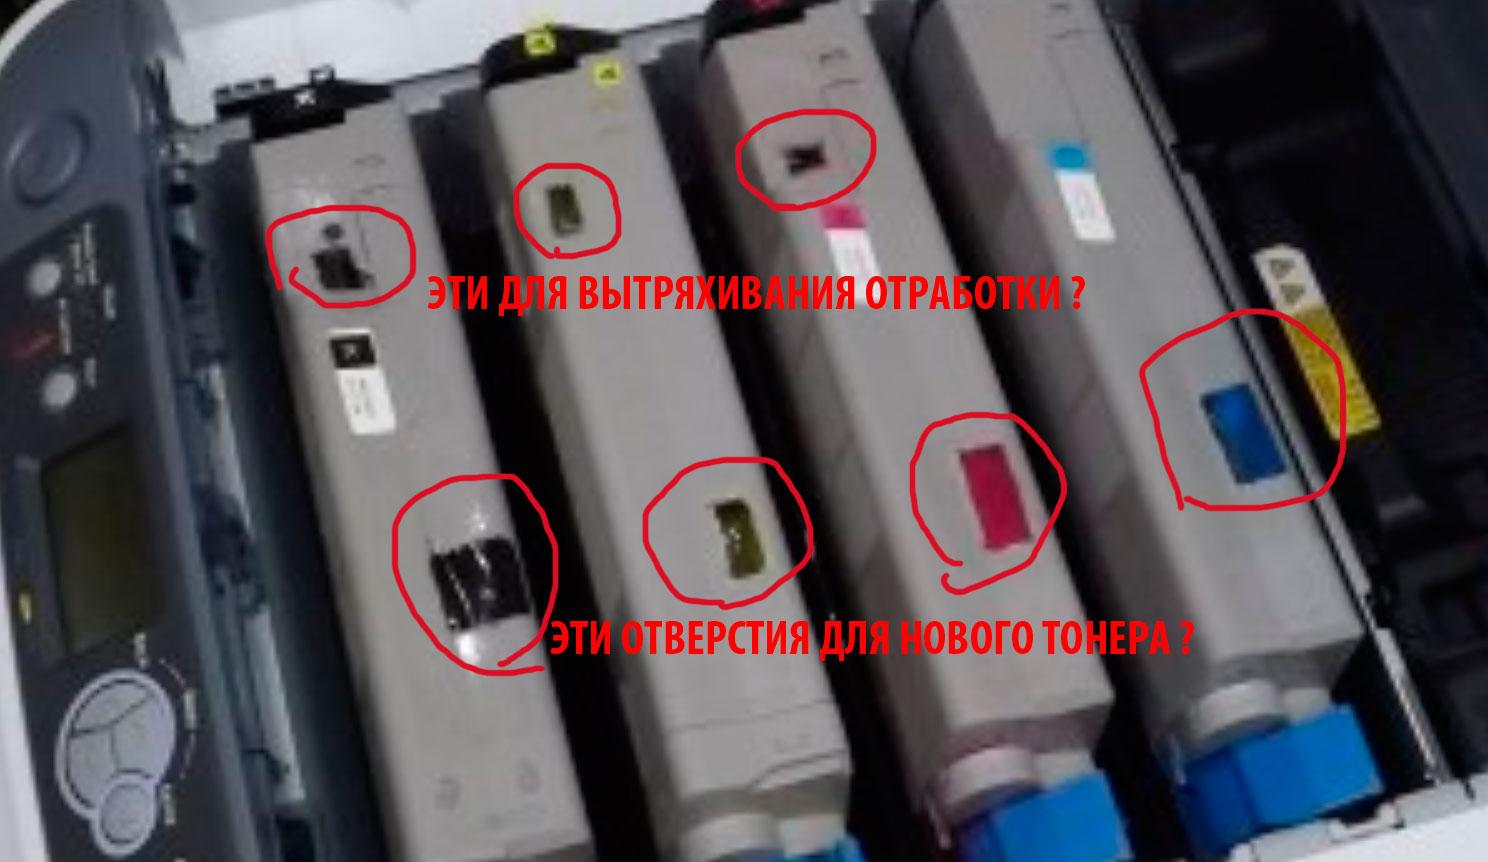 ОТВЕРСТИЯ-ДЛЯ-ТОНЕРА.jpg